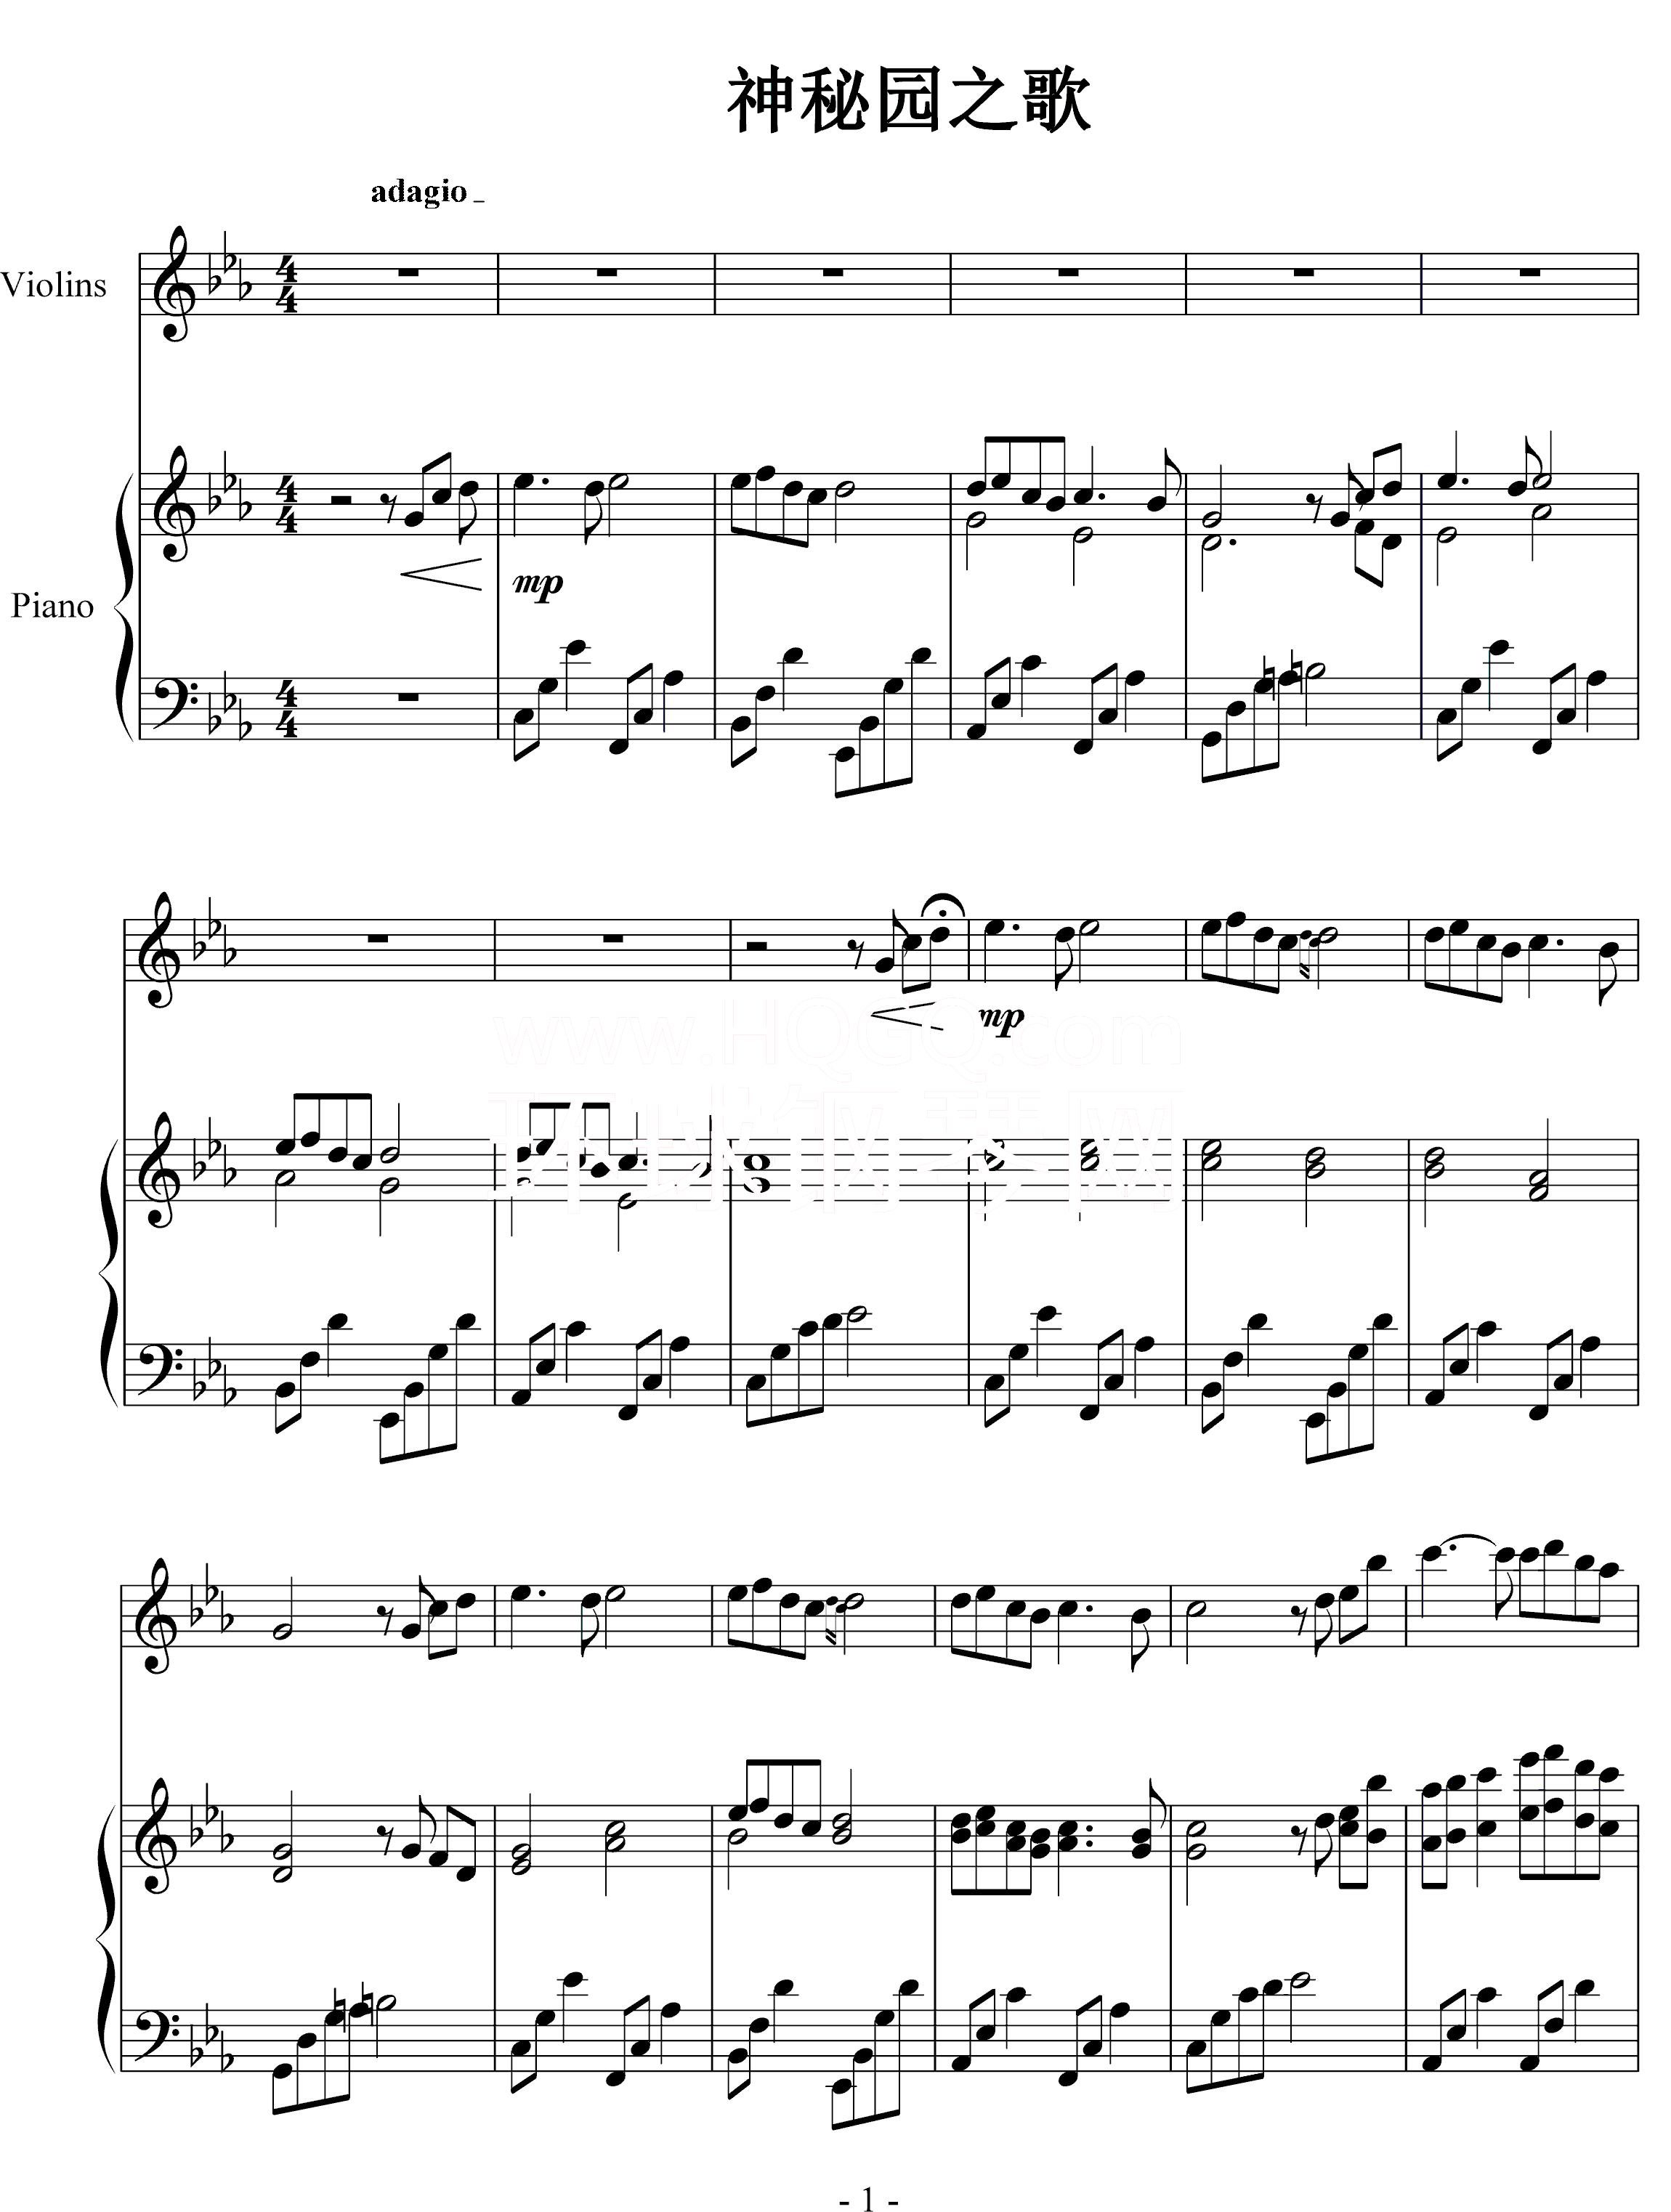 神秘园小提琴演奏乐谱图片